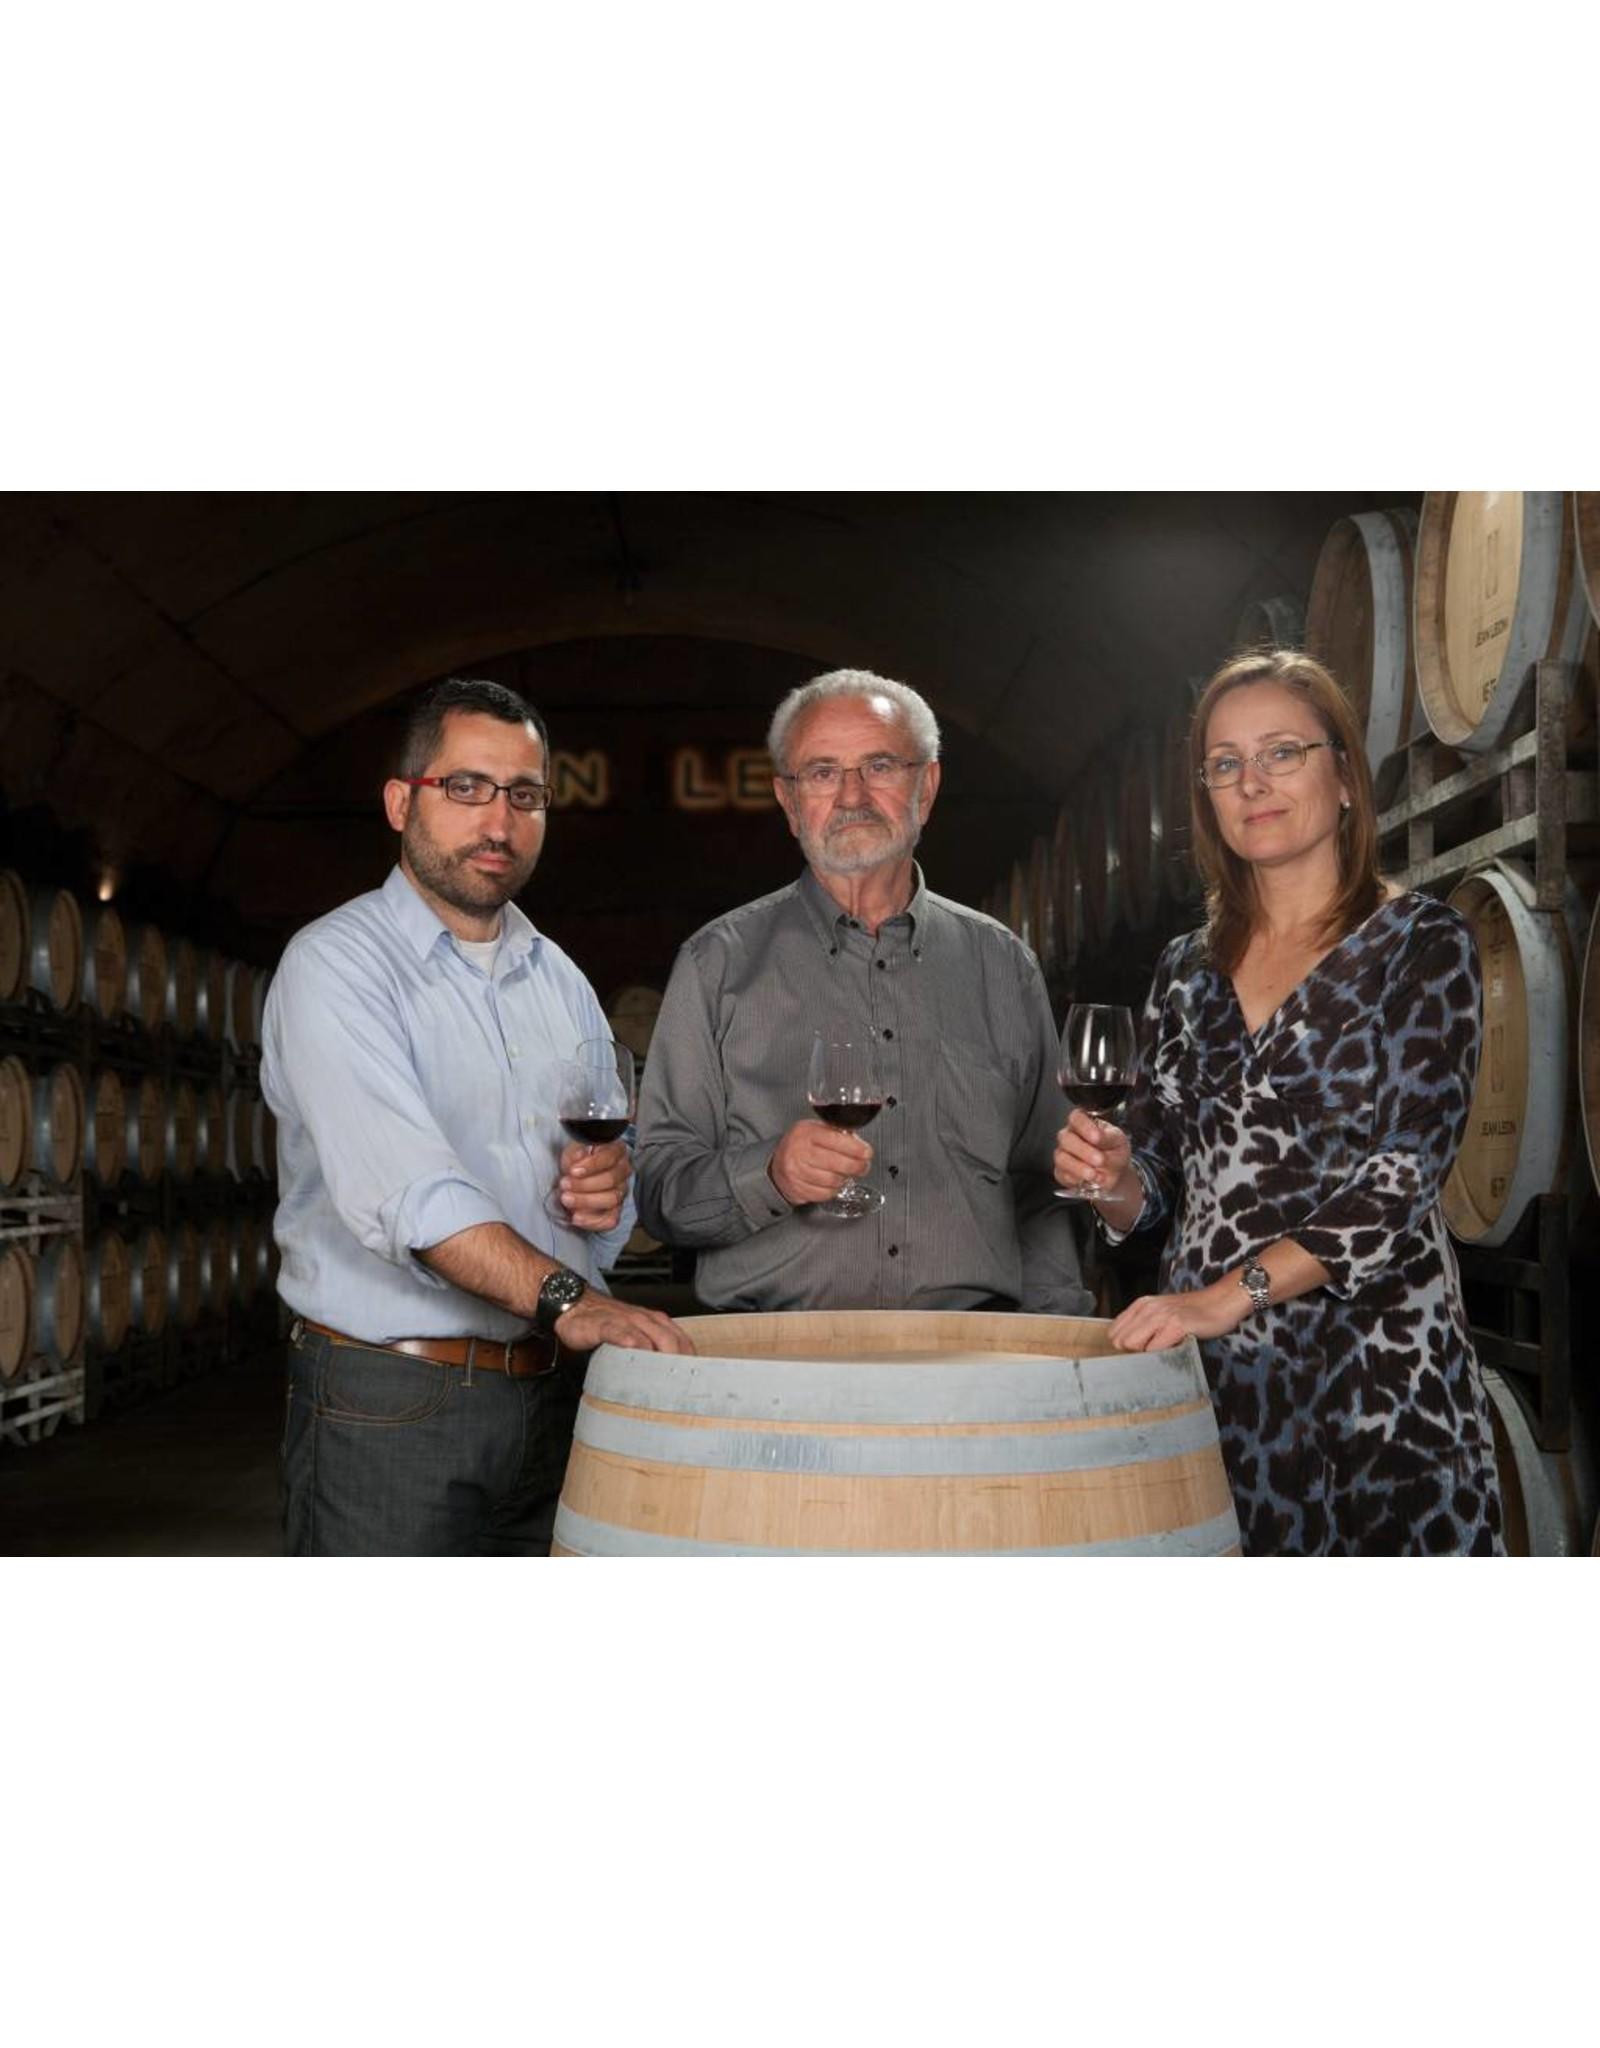 Torres Gemaakt van de steeds meer 'populaire' Albarinho druif, de Koningin van Spanje genoemd.  | Perfecte aanvulling voor de wijnkaart, door zijn bijzondere herkomst.  | Eerste Albariño wijn van Torres en is een eerbetoon aan de folklore en natuur van Galicië.